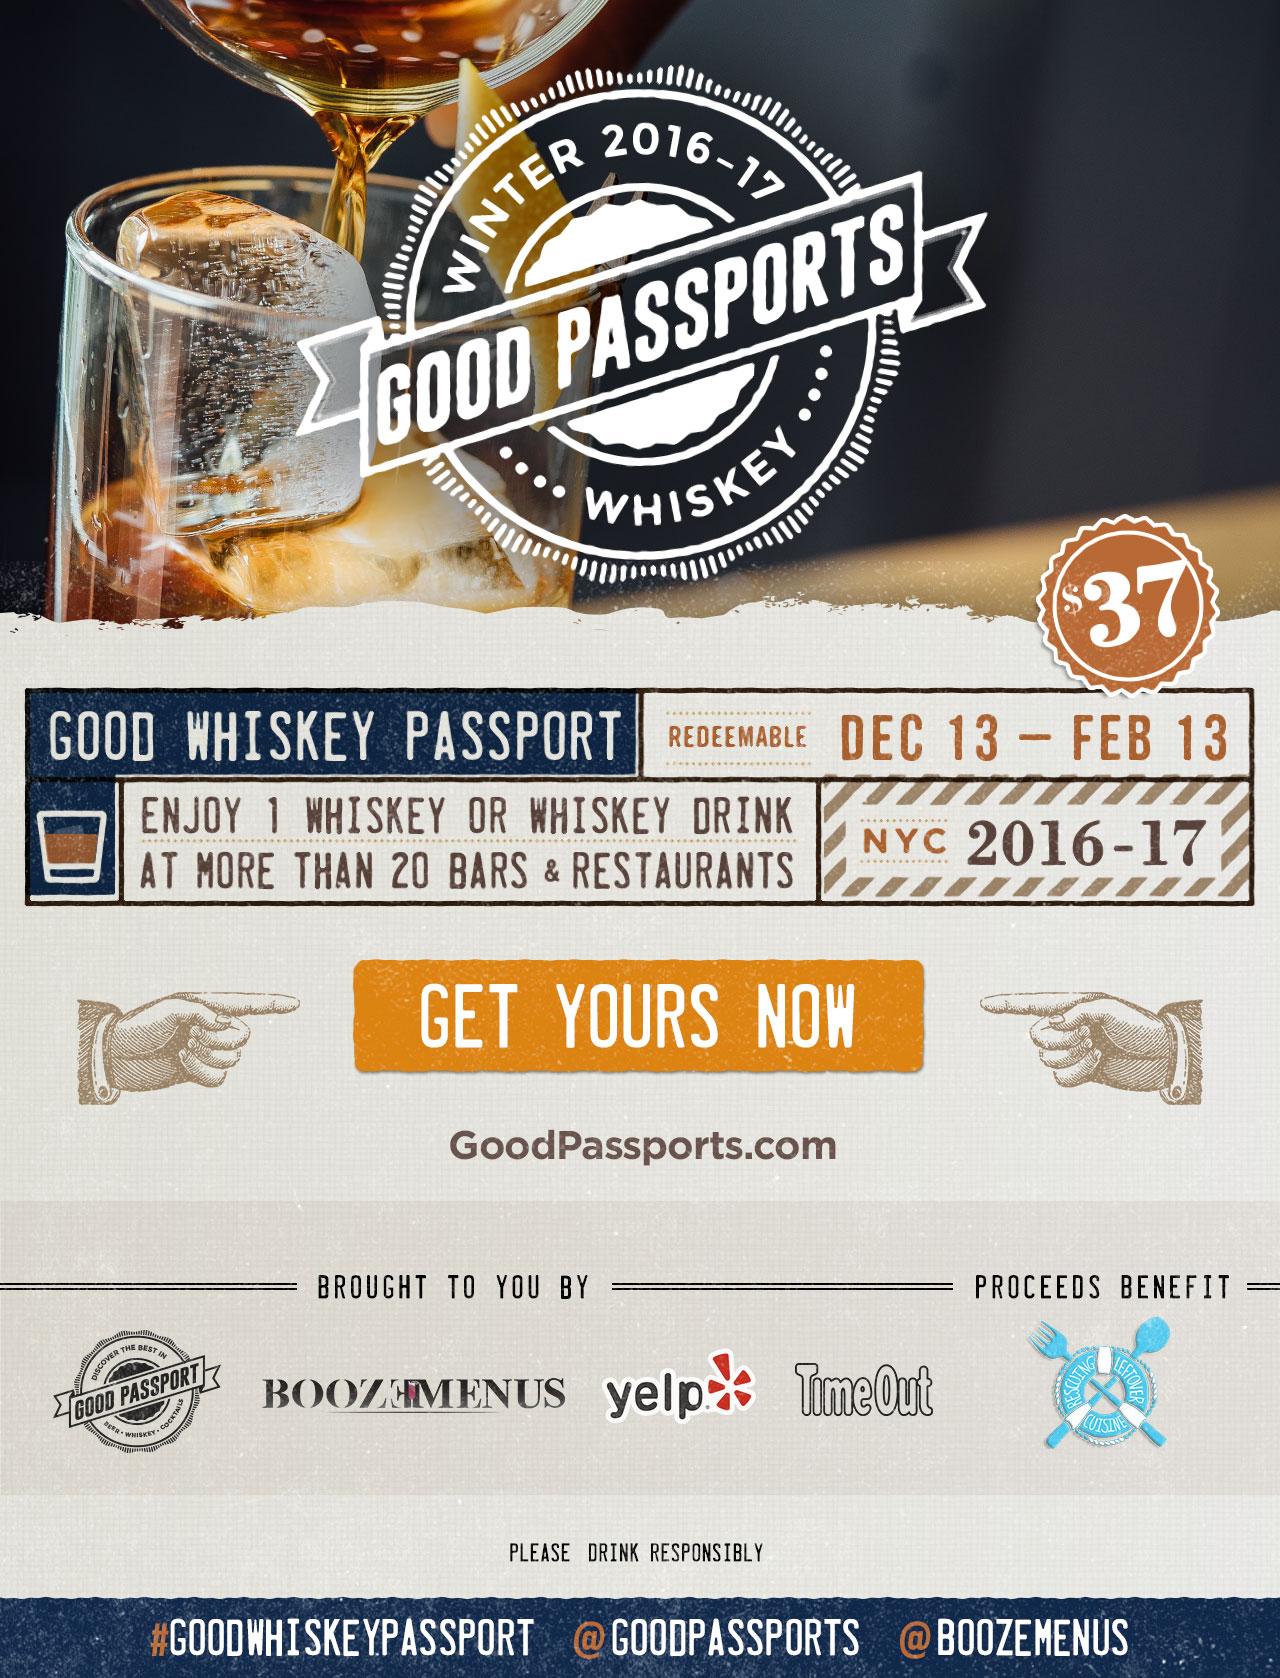 good-whiskey-passport-nyc-good-passports-boozemenus-2016-2017